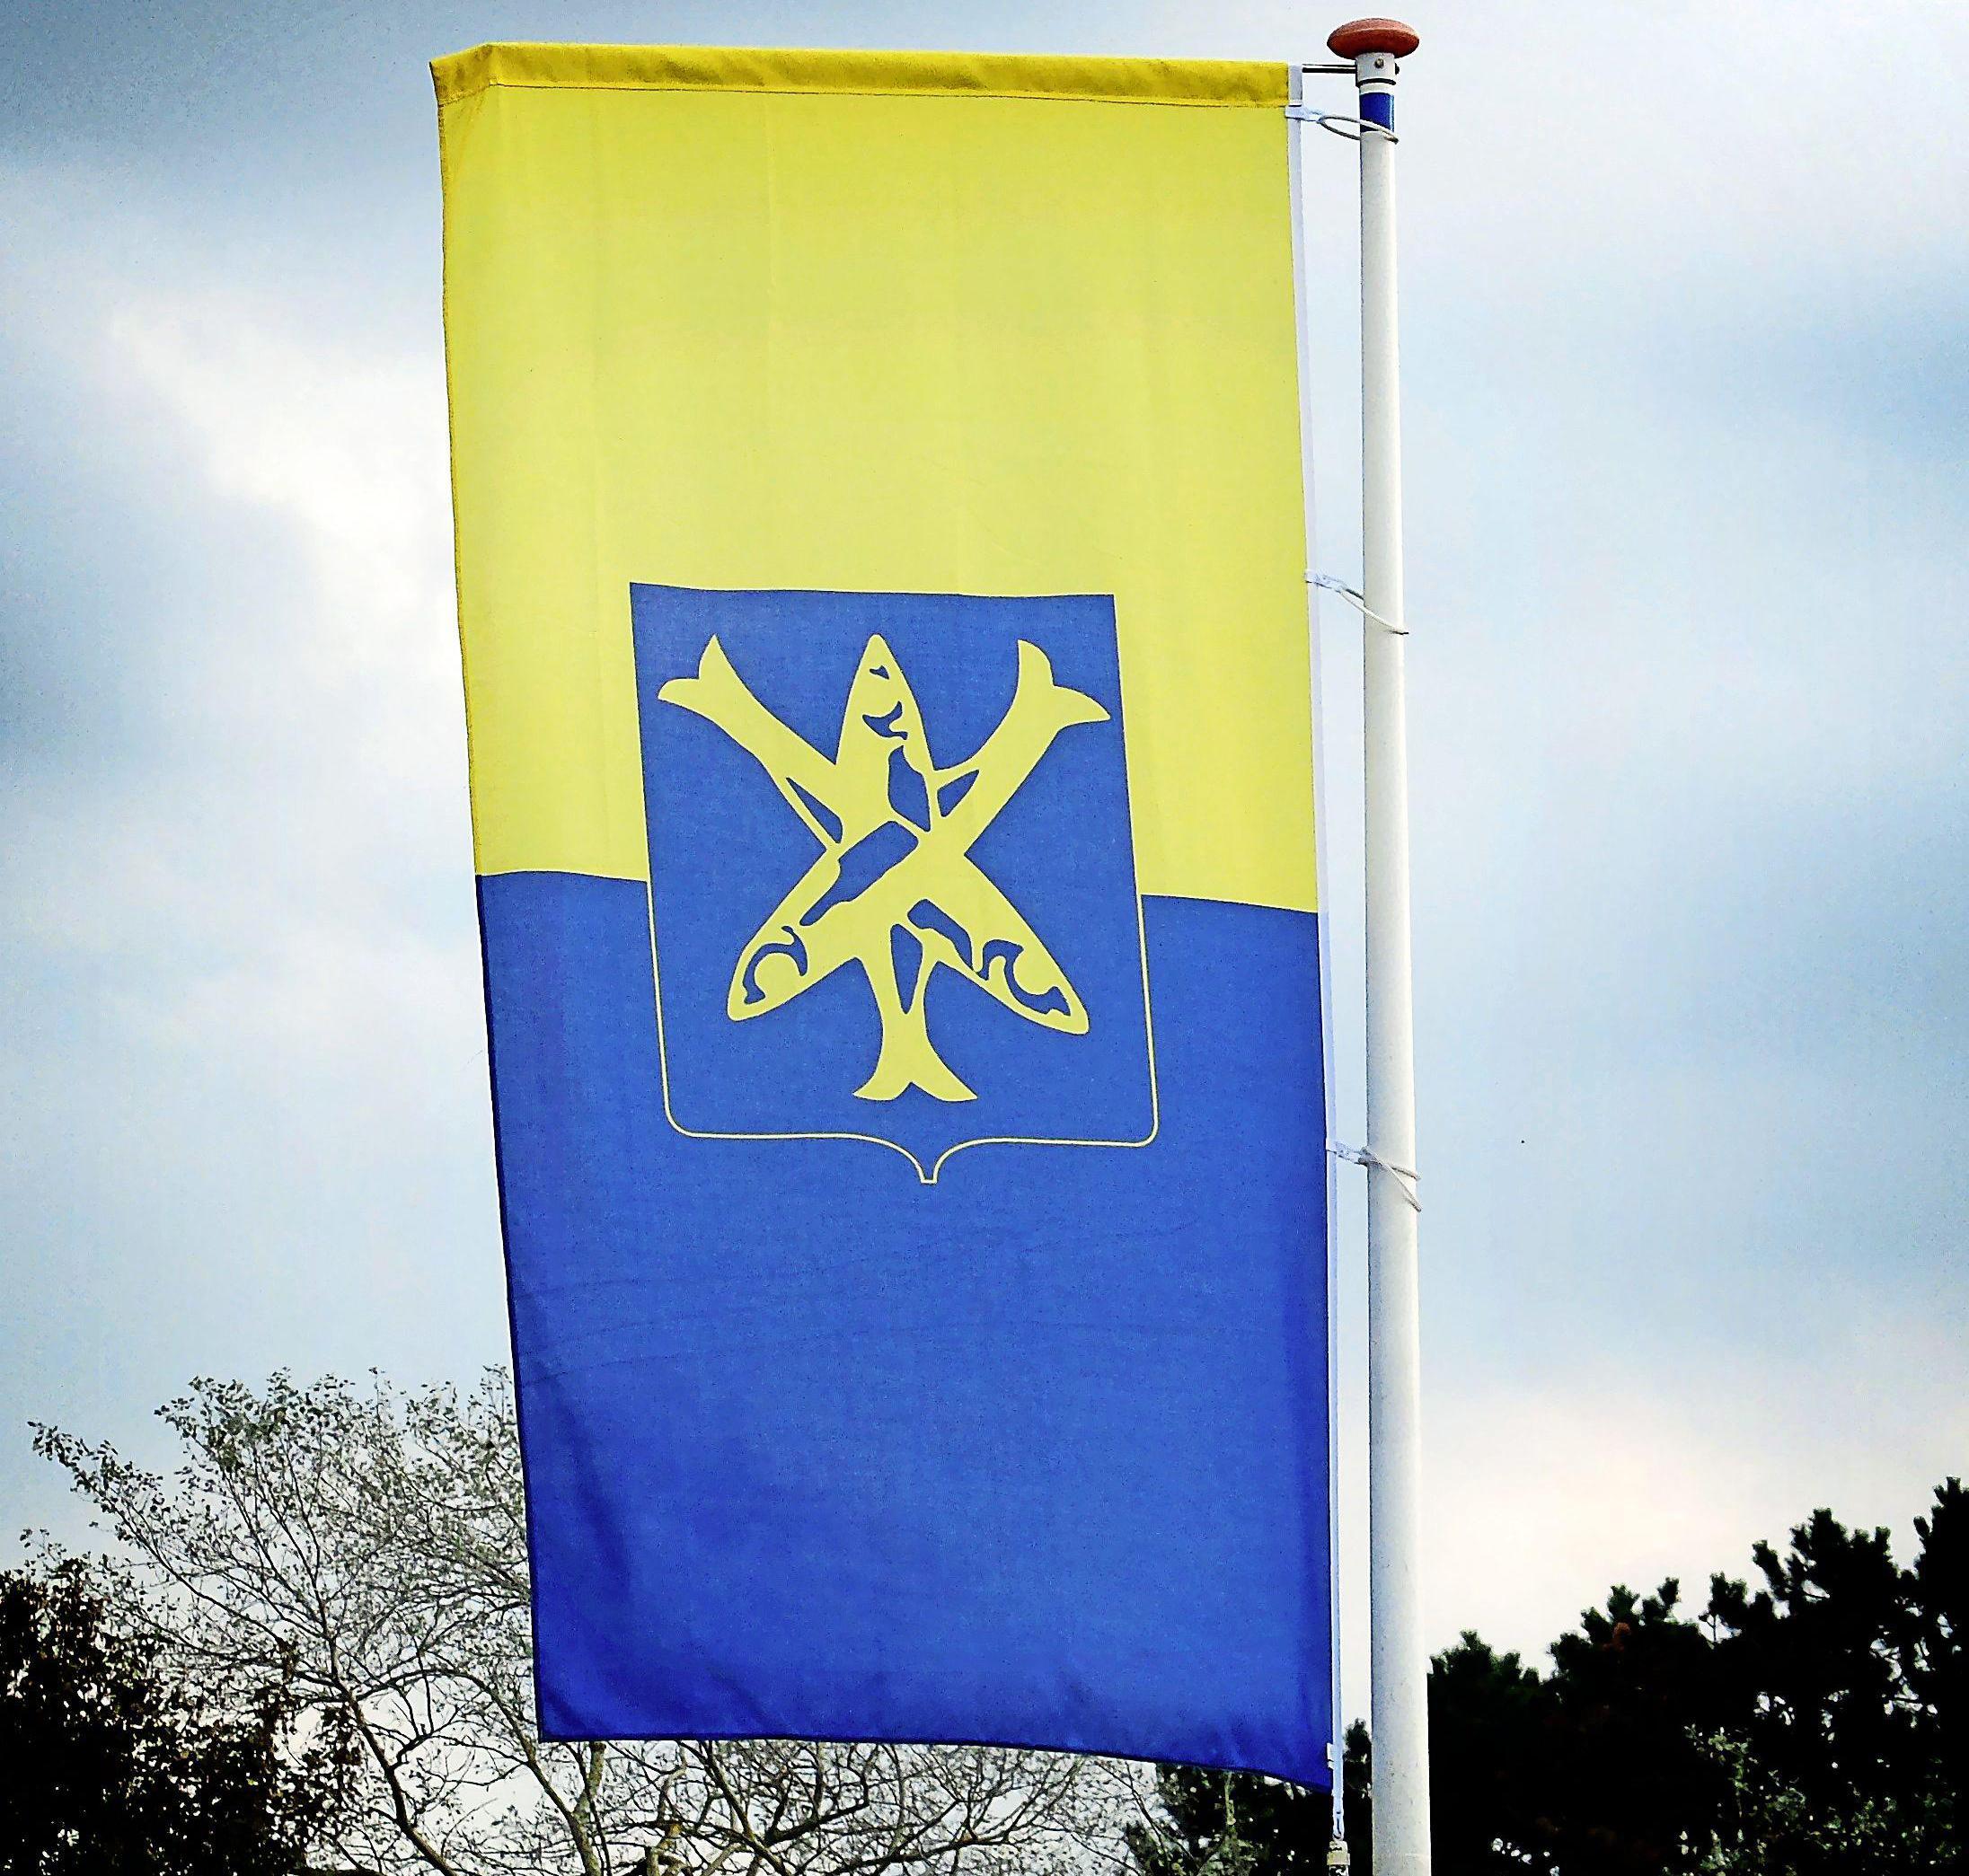 Zandvoort verder met Haarlem na conflict binnen ambtelijk 'huwelijk'. 'Het meeste gaat gewoon goed'